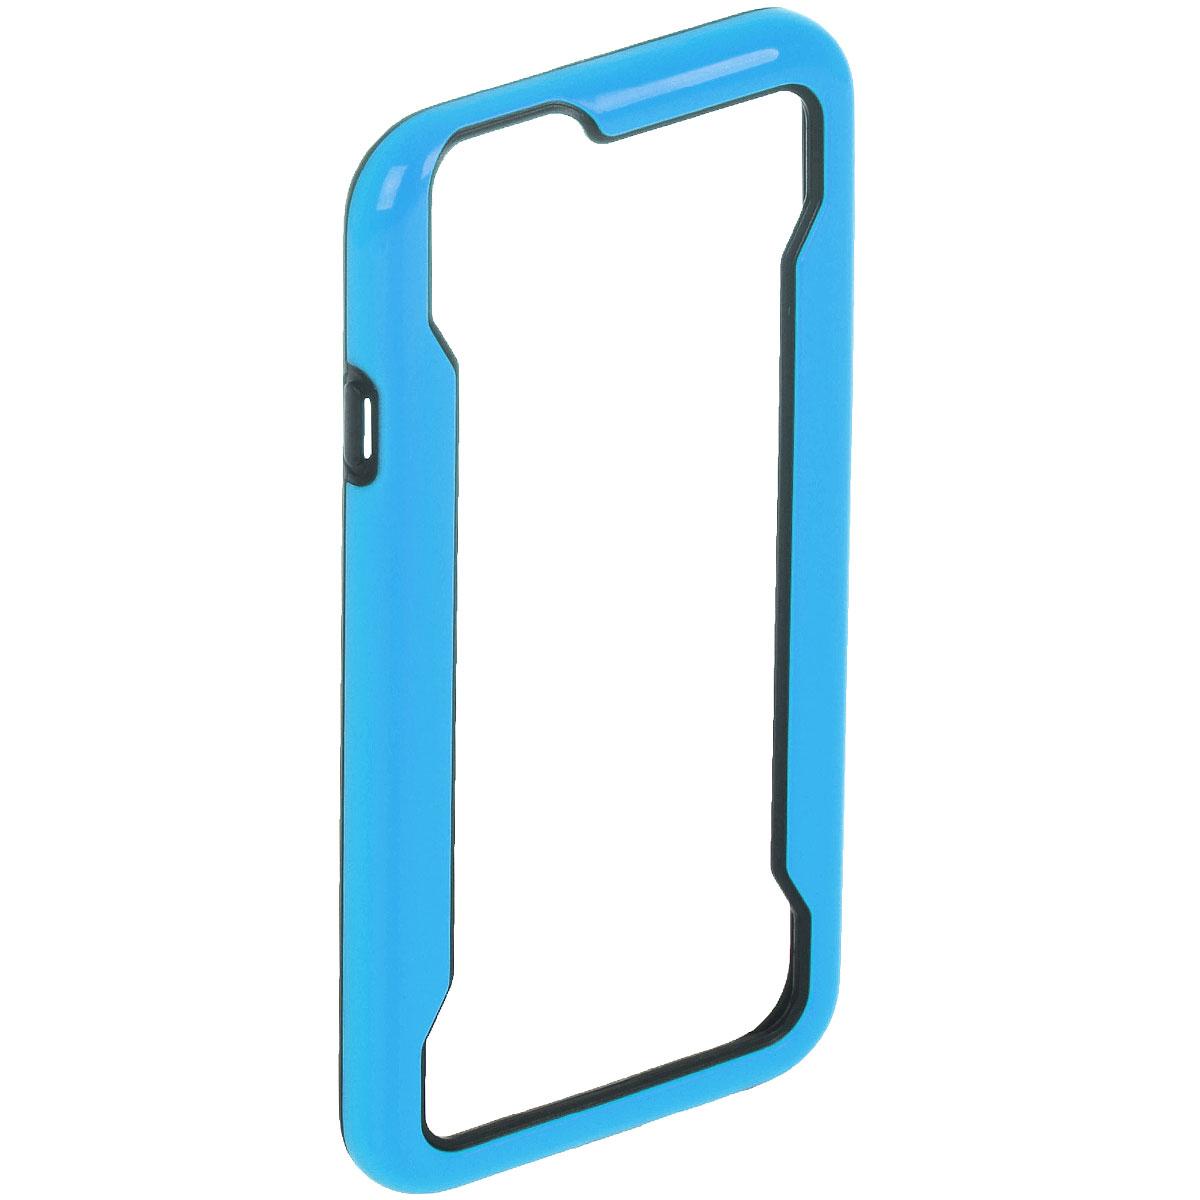 Liberty Project чехол-накладка для iPhone 6, Blue BlackR0007957Защитная крышка Liberty Project служит защиты корпуса вашего смартфона от внешнего воздействия (пыль, влага, царапины). Модель доступна в различных цветах.